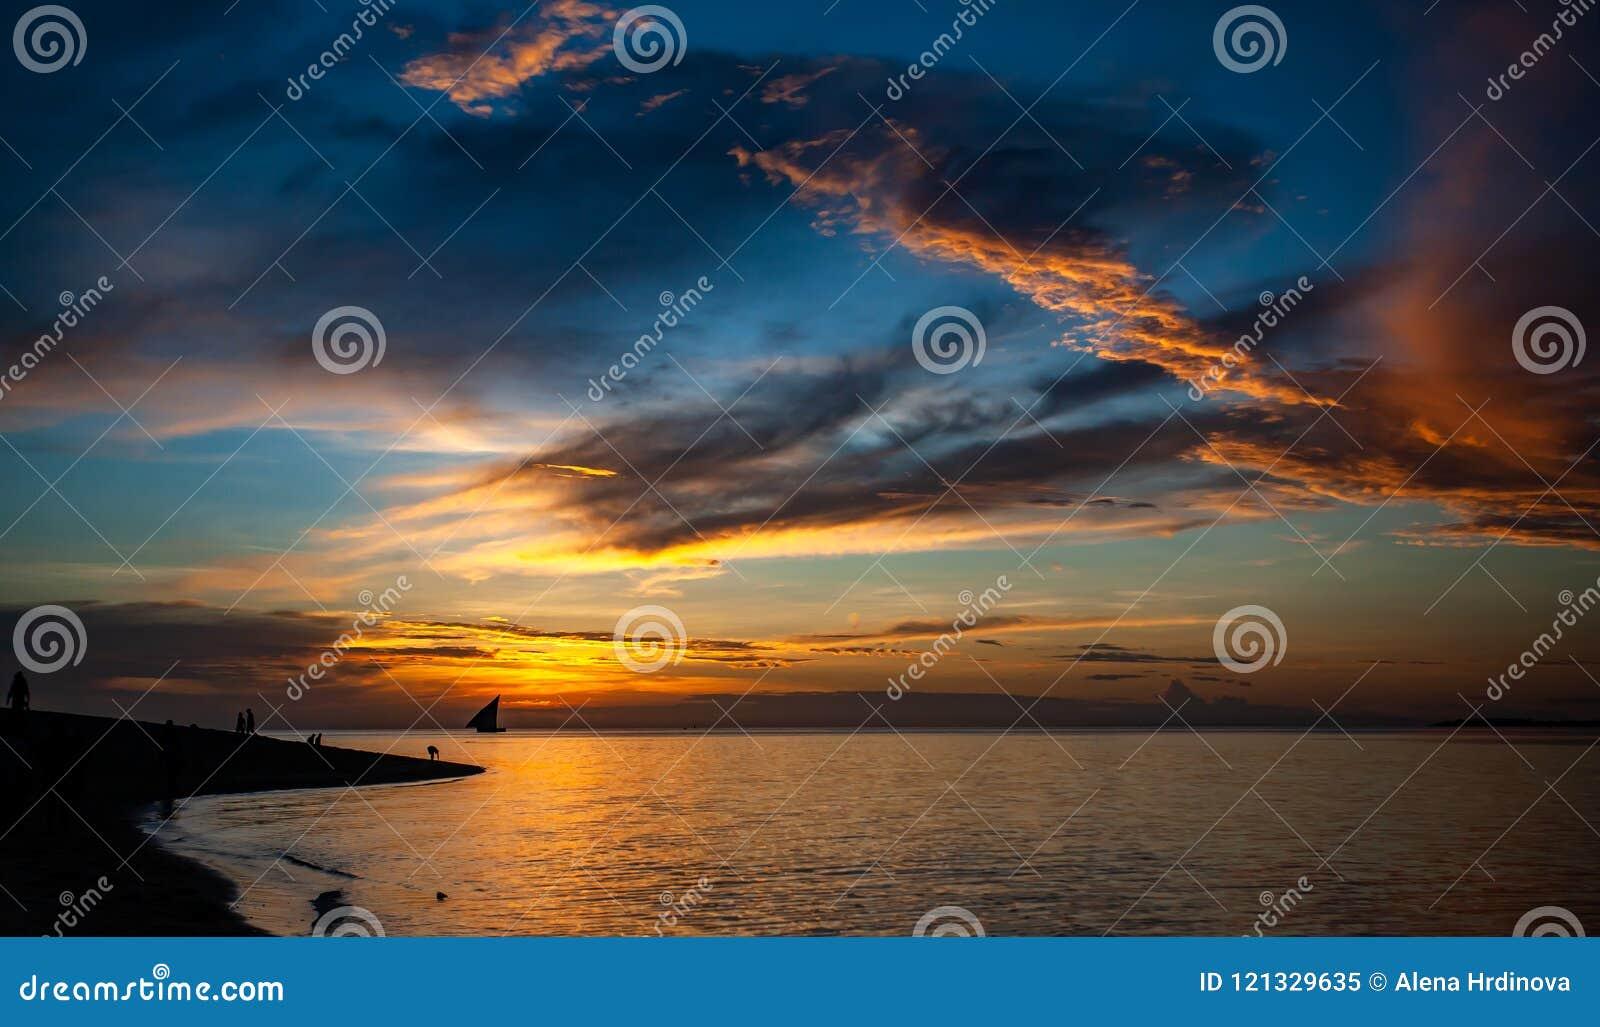 Półmrok w tropikalnym raju, dramatyczny niebo z chmurami